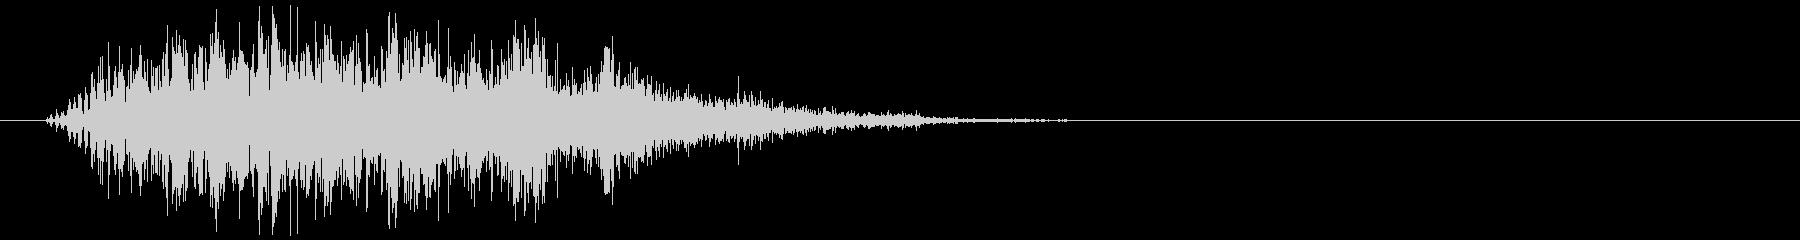 ギュルル…(モンスター、鳴き声)の未再生の波形